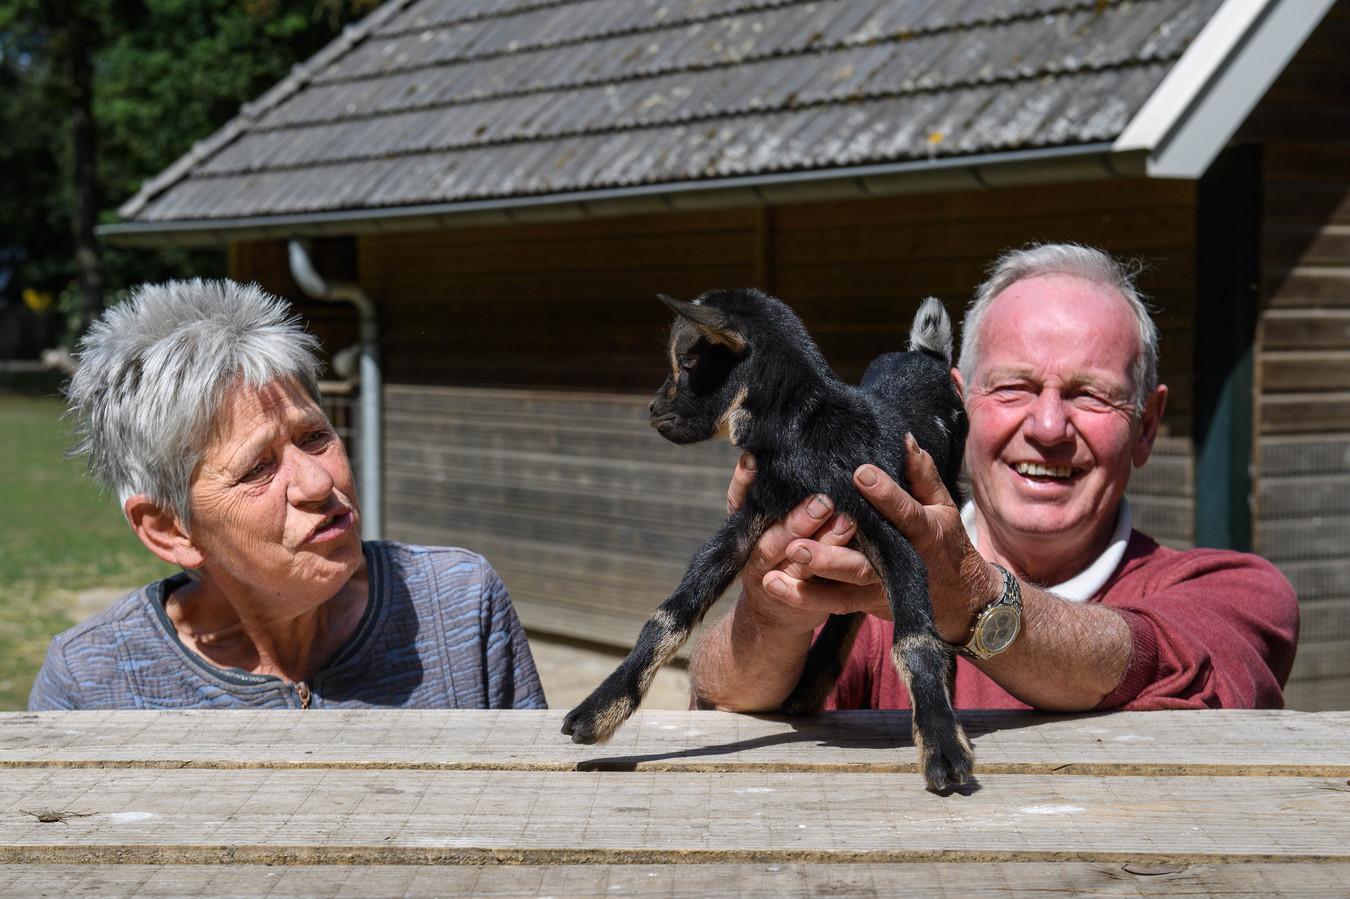 Gerrie en Jan Geesink afgelopen zomer met het geitje Truus, dat ze samen met de fles hebben grootgebracht.